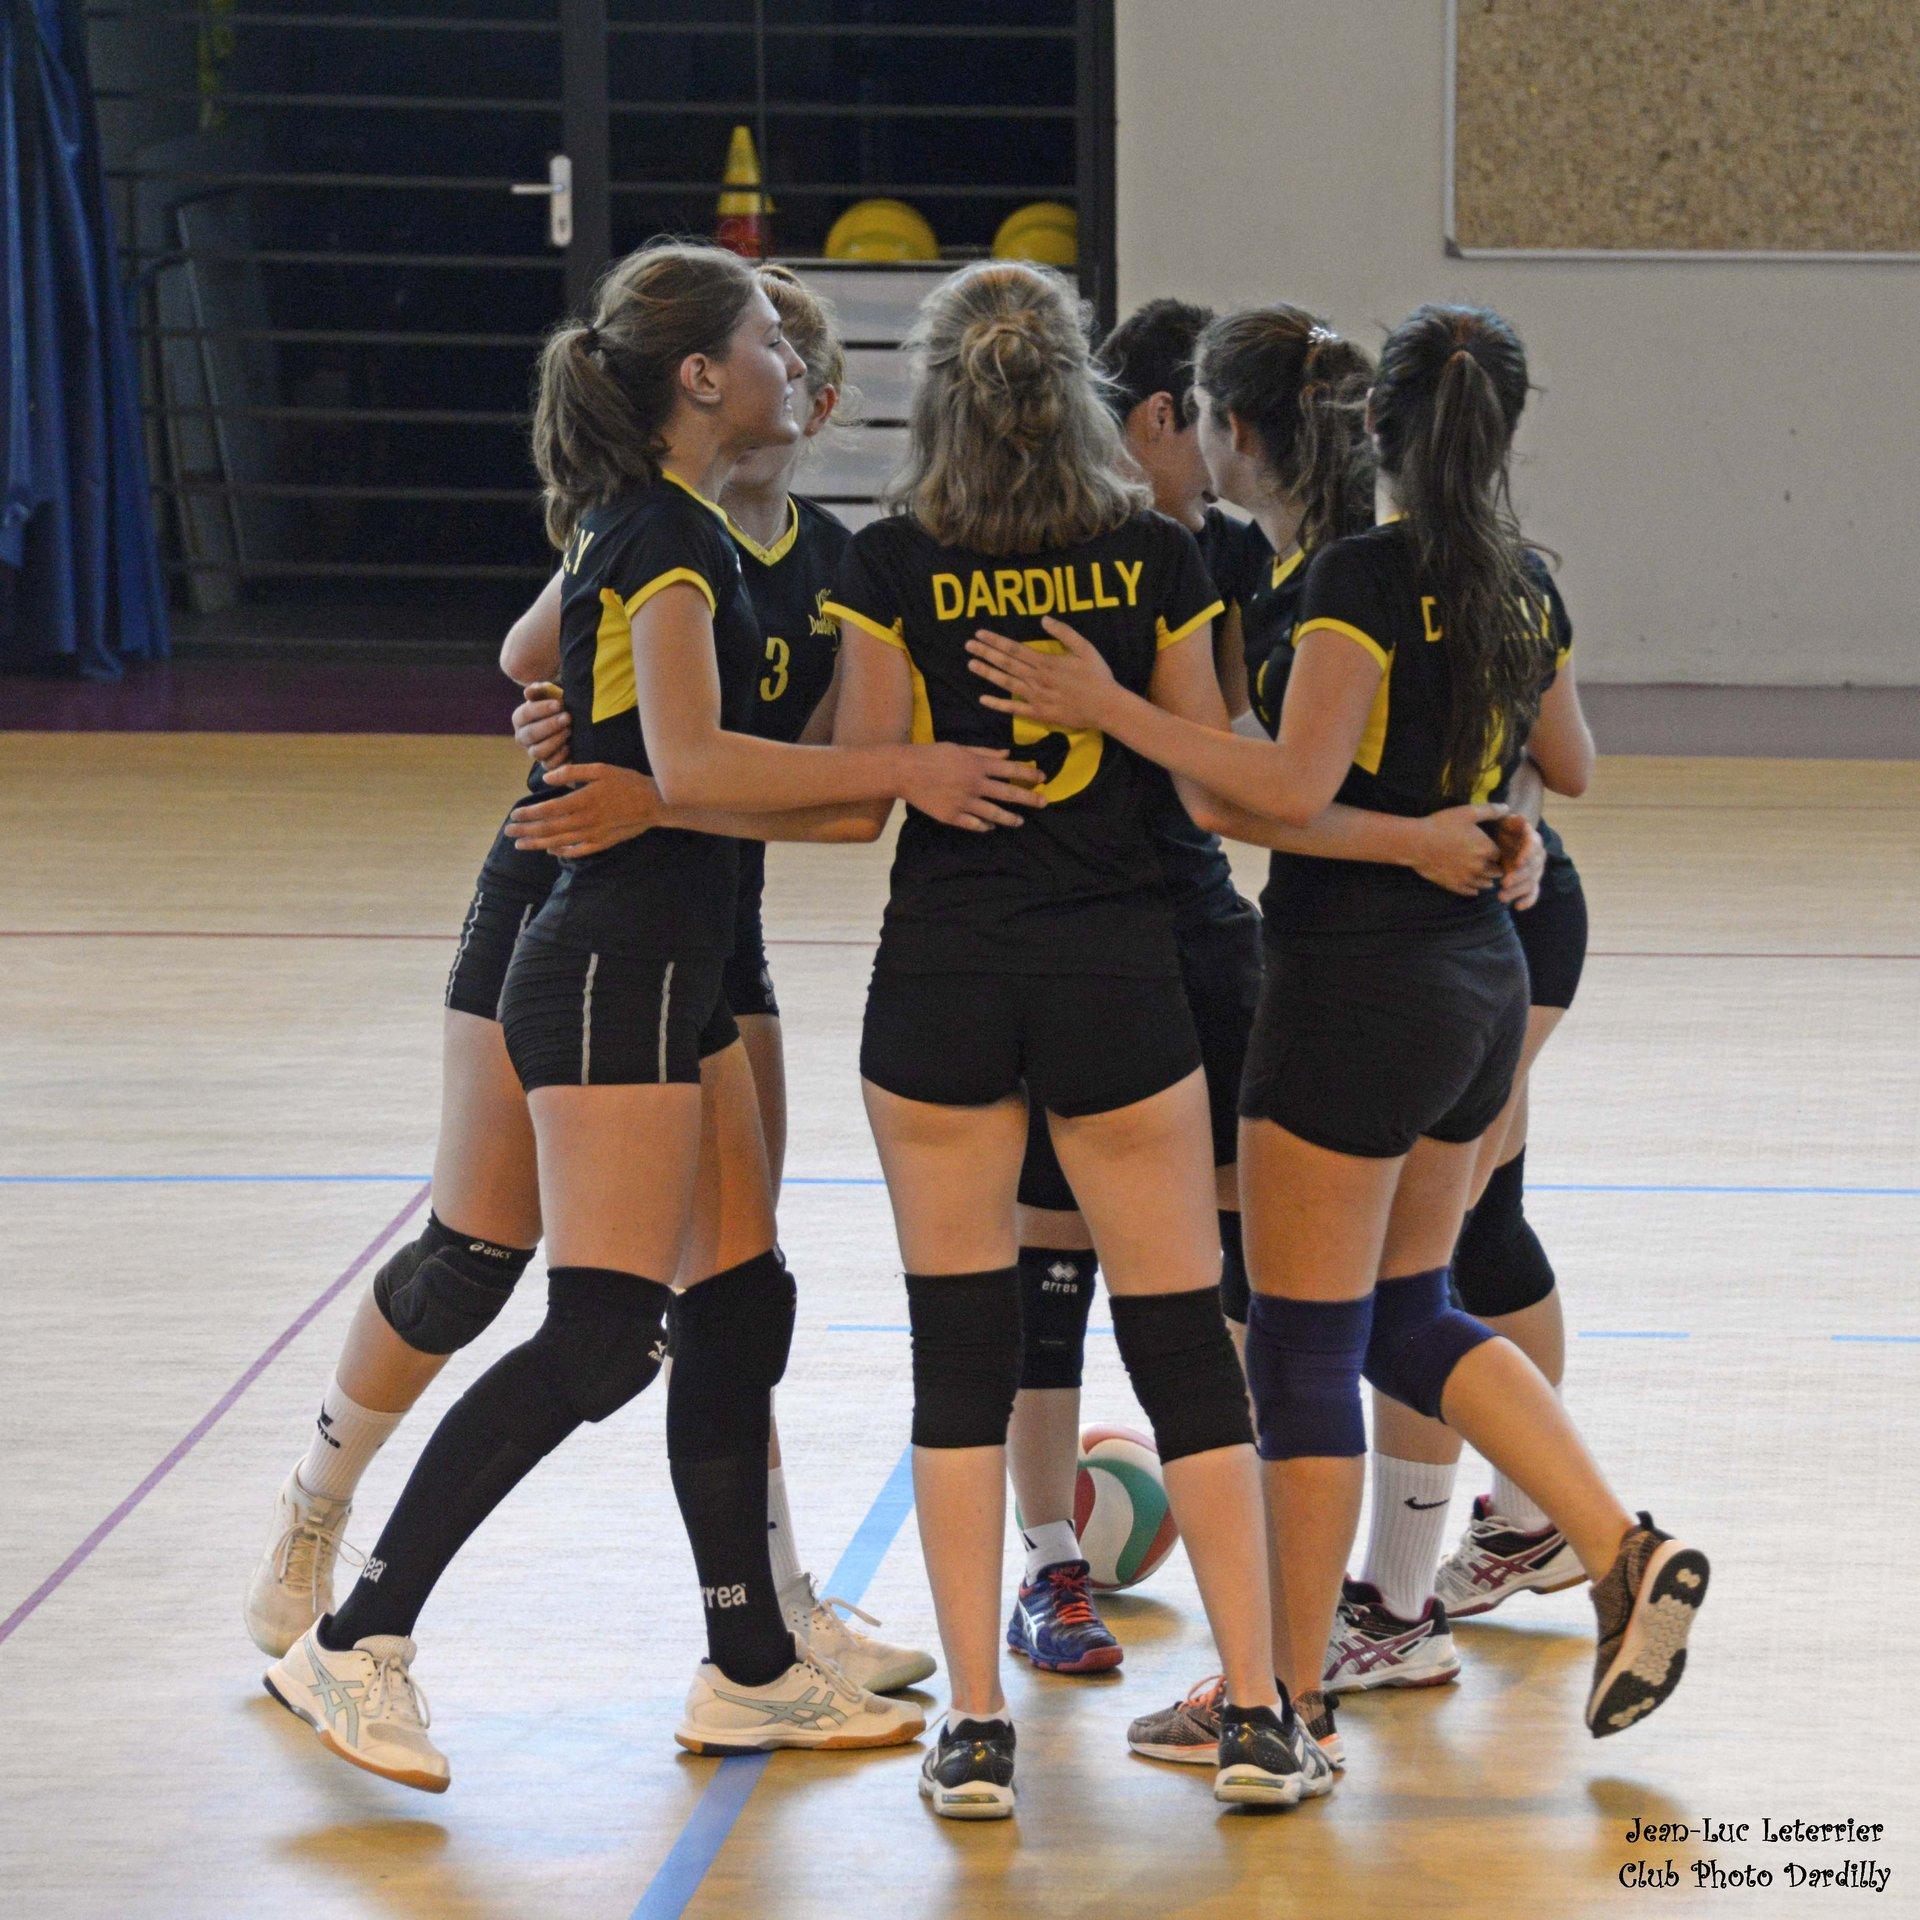 08_Volley_16_JLL_DSC8119